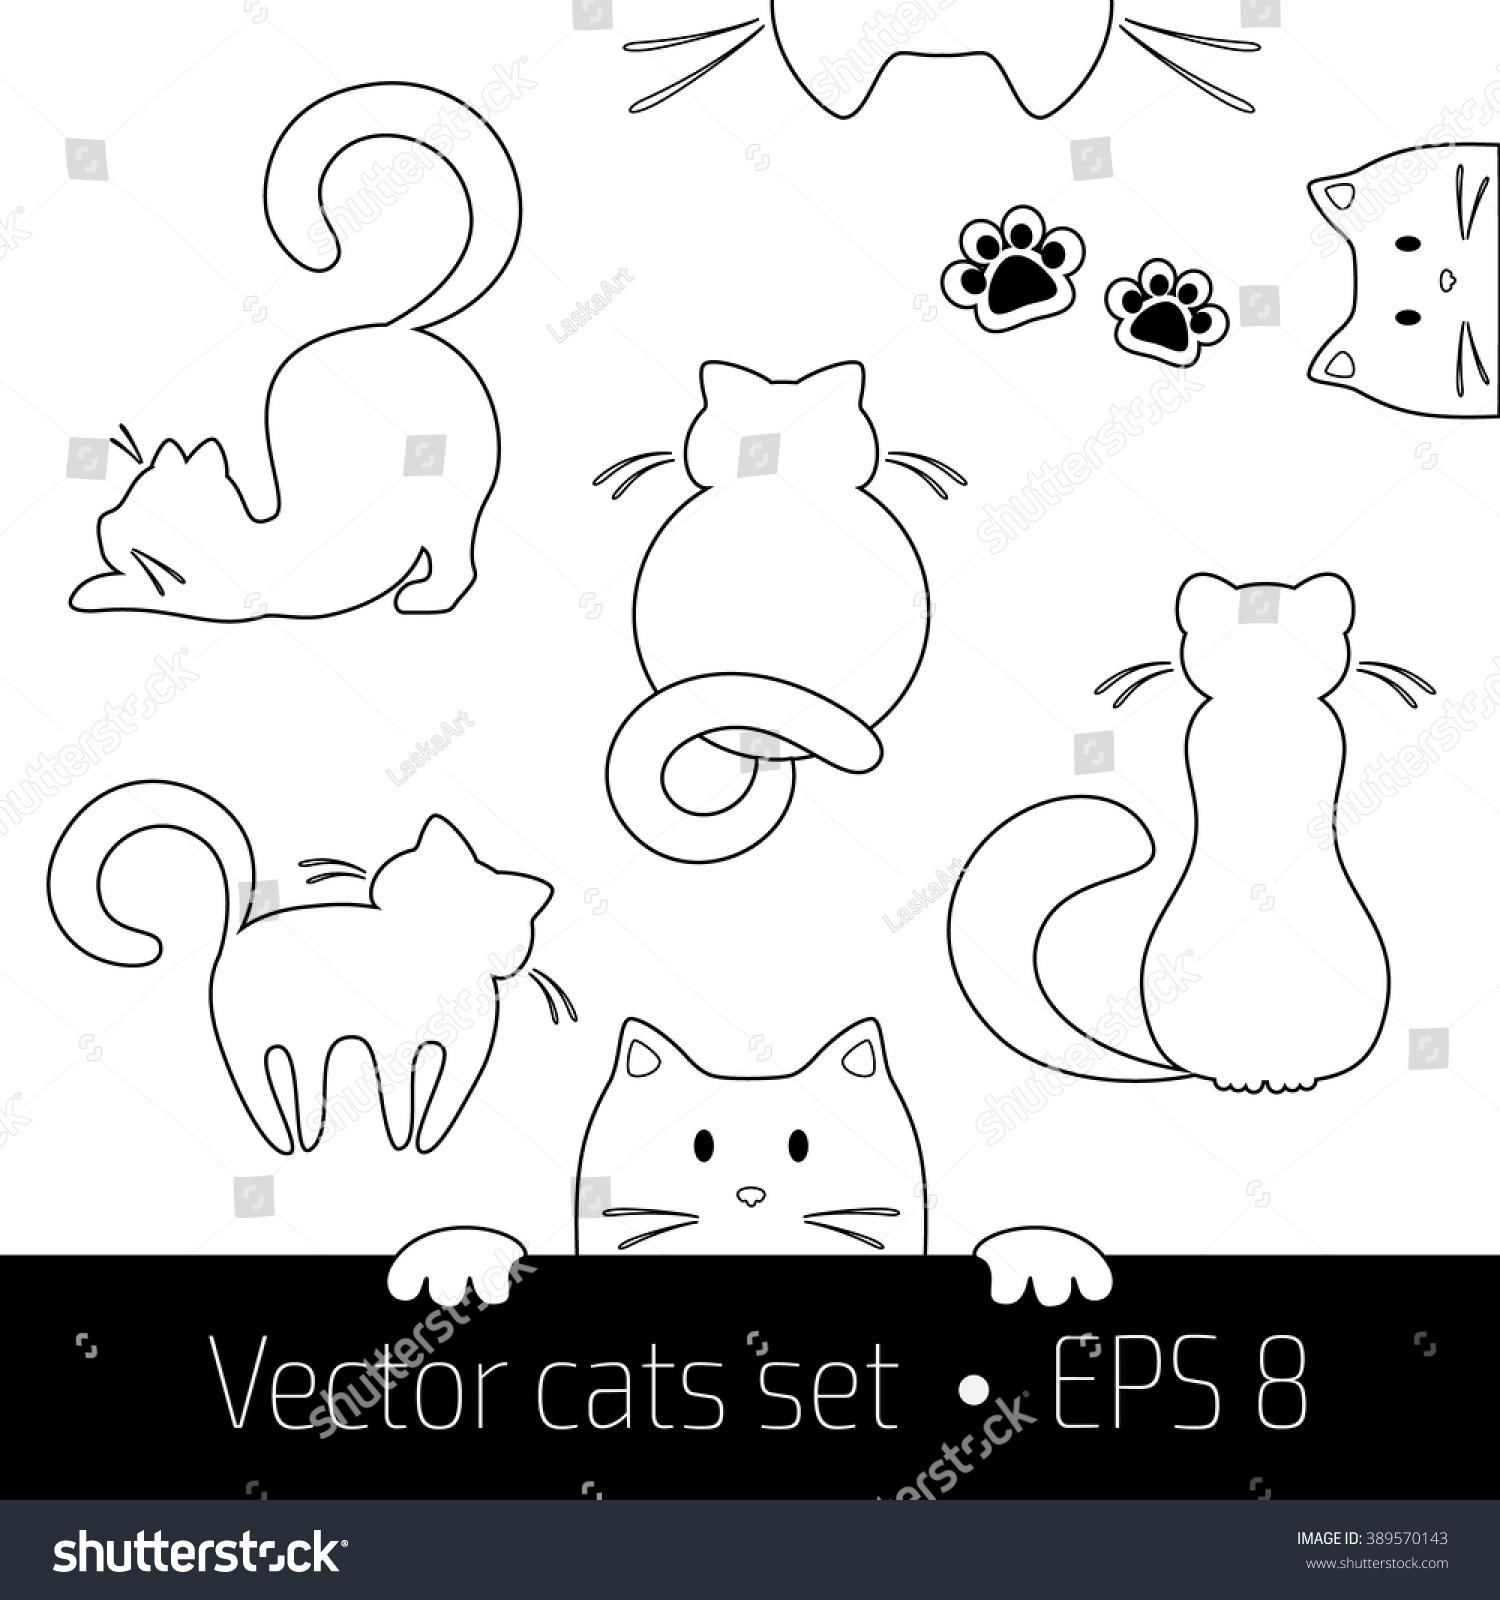 Vector Illustration Of Cats Set Cat Logo Concept Pet Shop